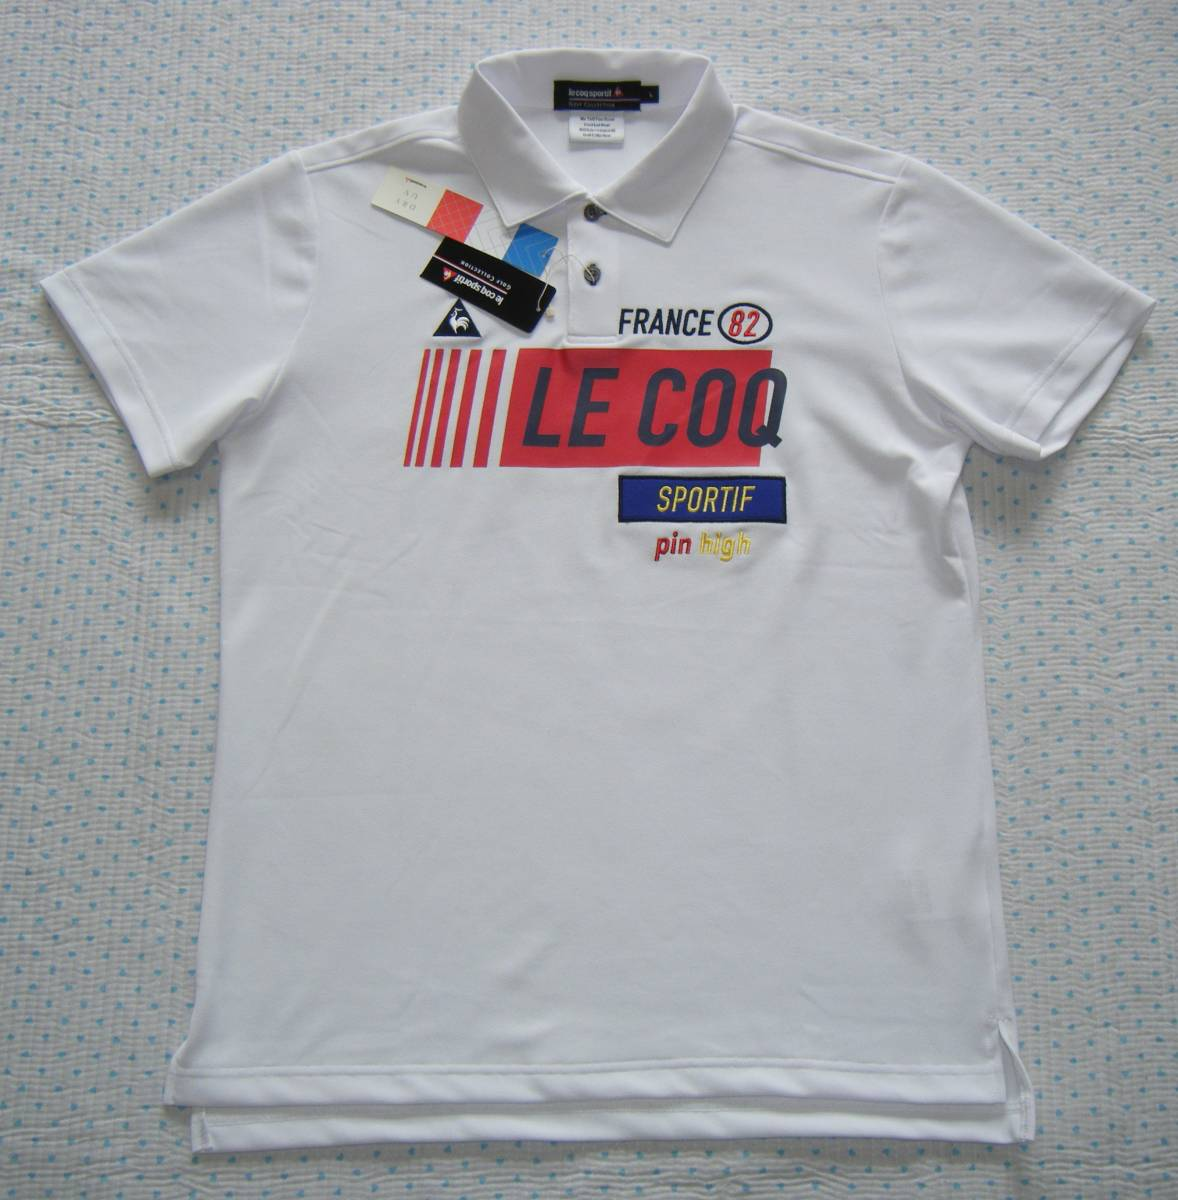 ルコック lecoq FRANCE 82 ゴルフ用高機能/冷感ポロシャツ 白色 サイズ L 吸汗速乾/ストレッチ/UV機能 定価 9,350円_画像1